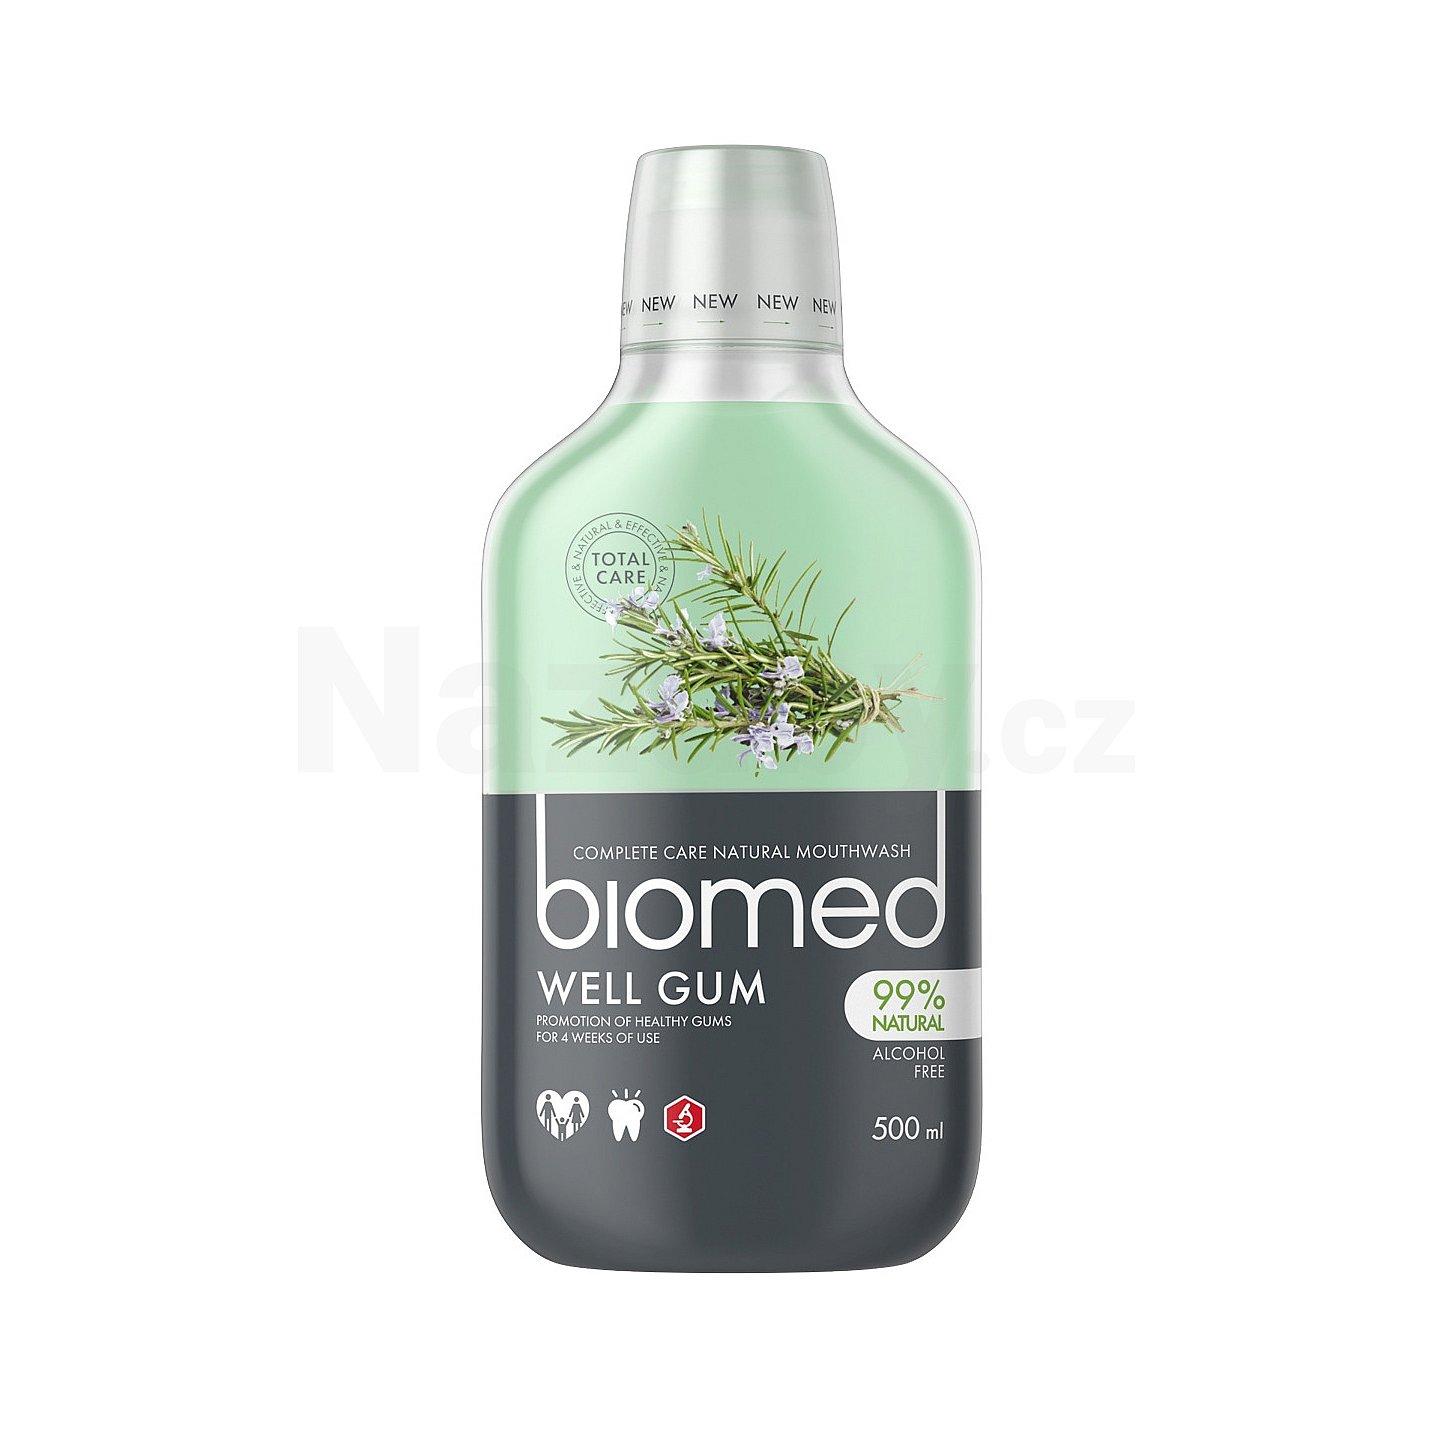 Biomed ústní voda Well Gum 500ml